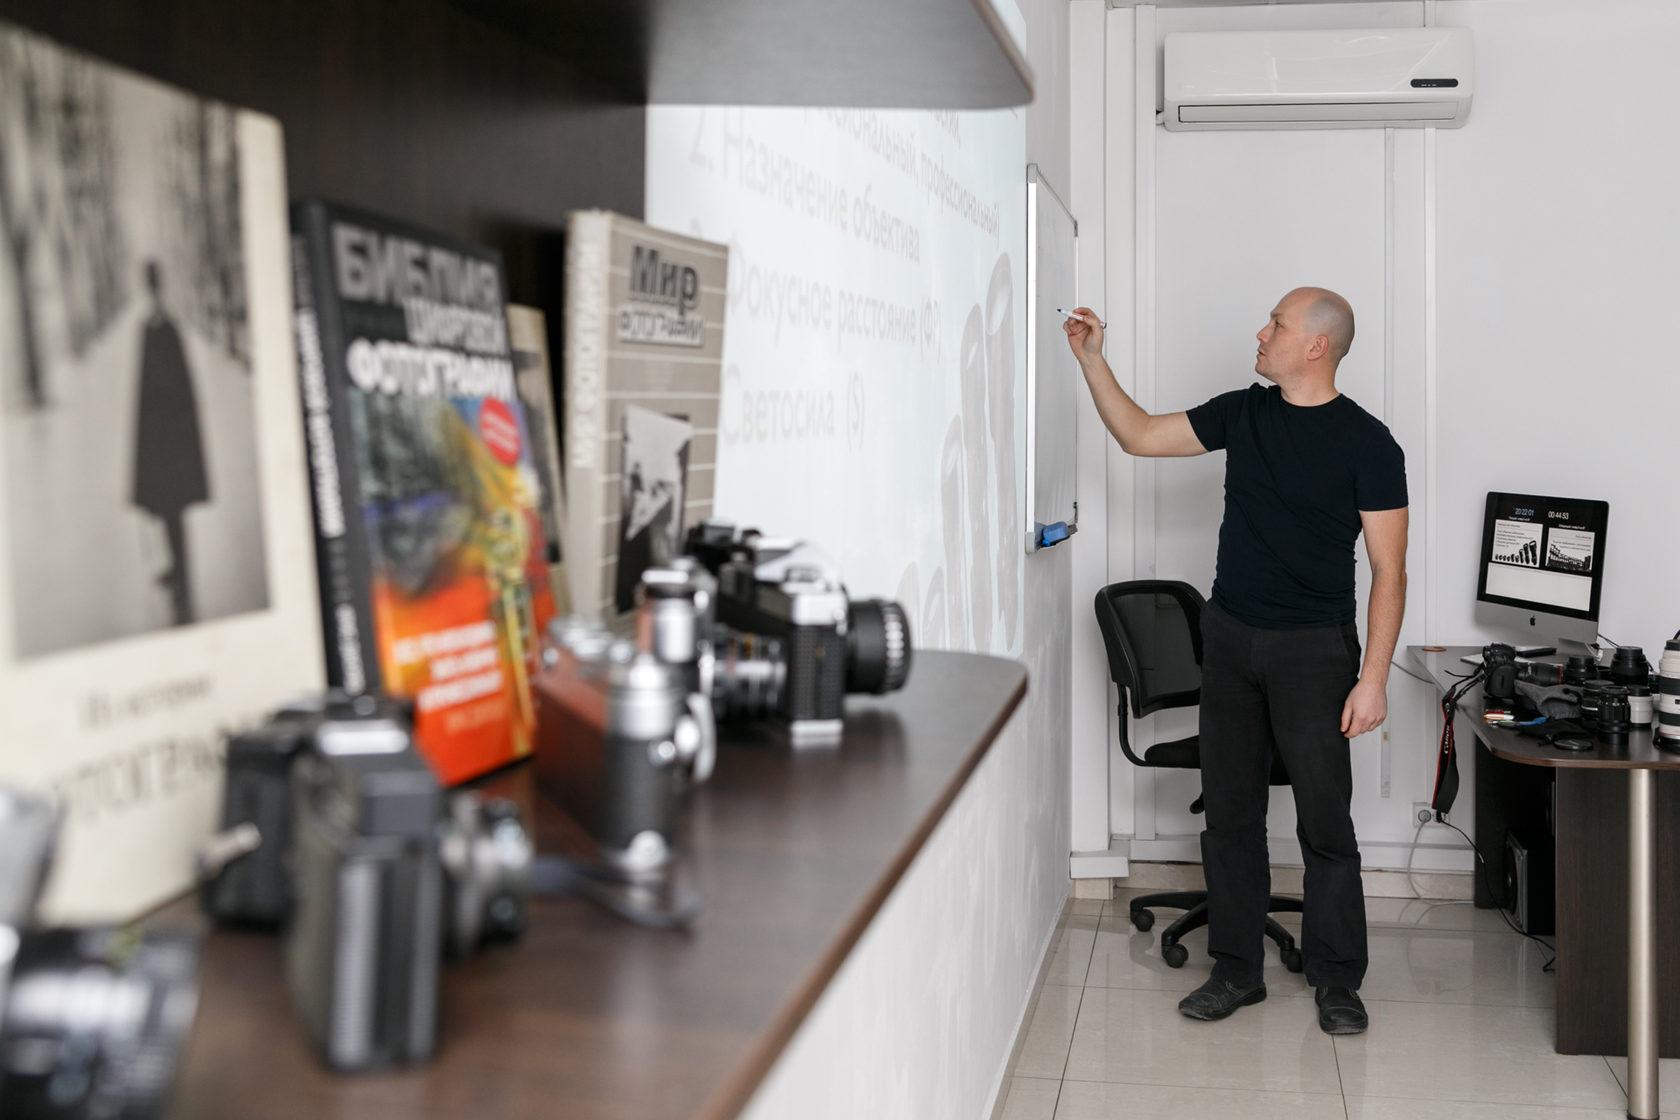 около курсы фотографа для начинающих в москве недорого объявления фото для